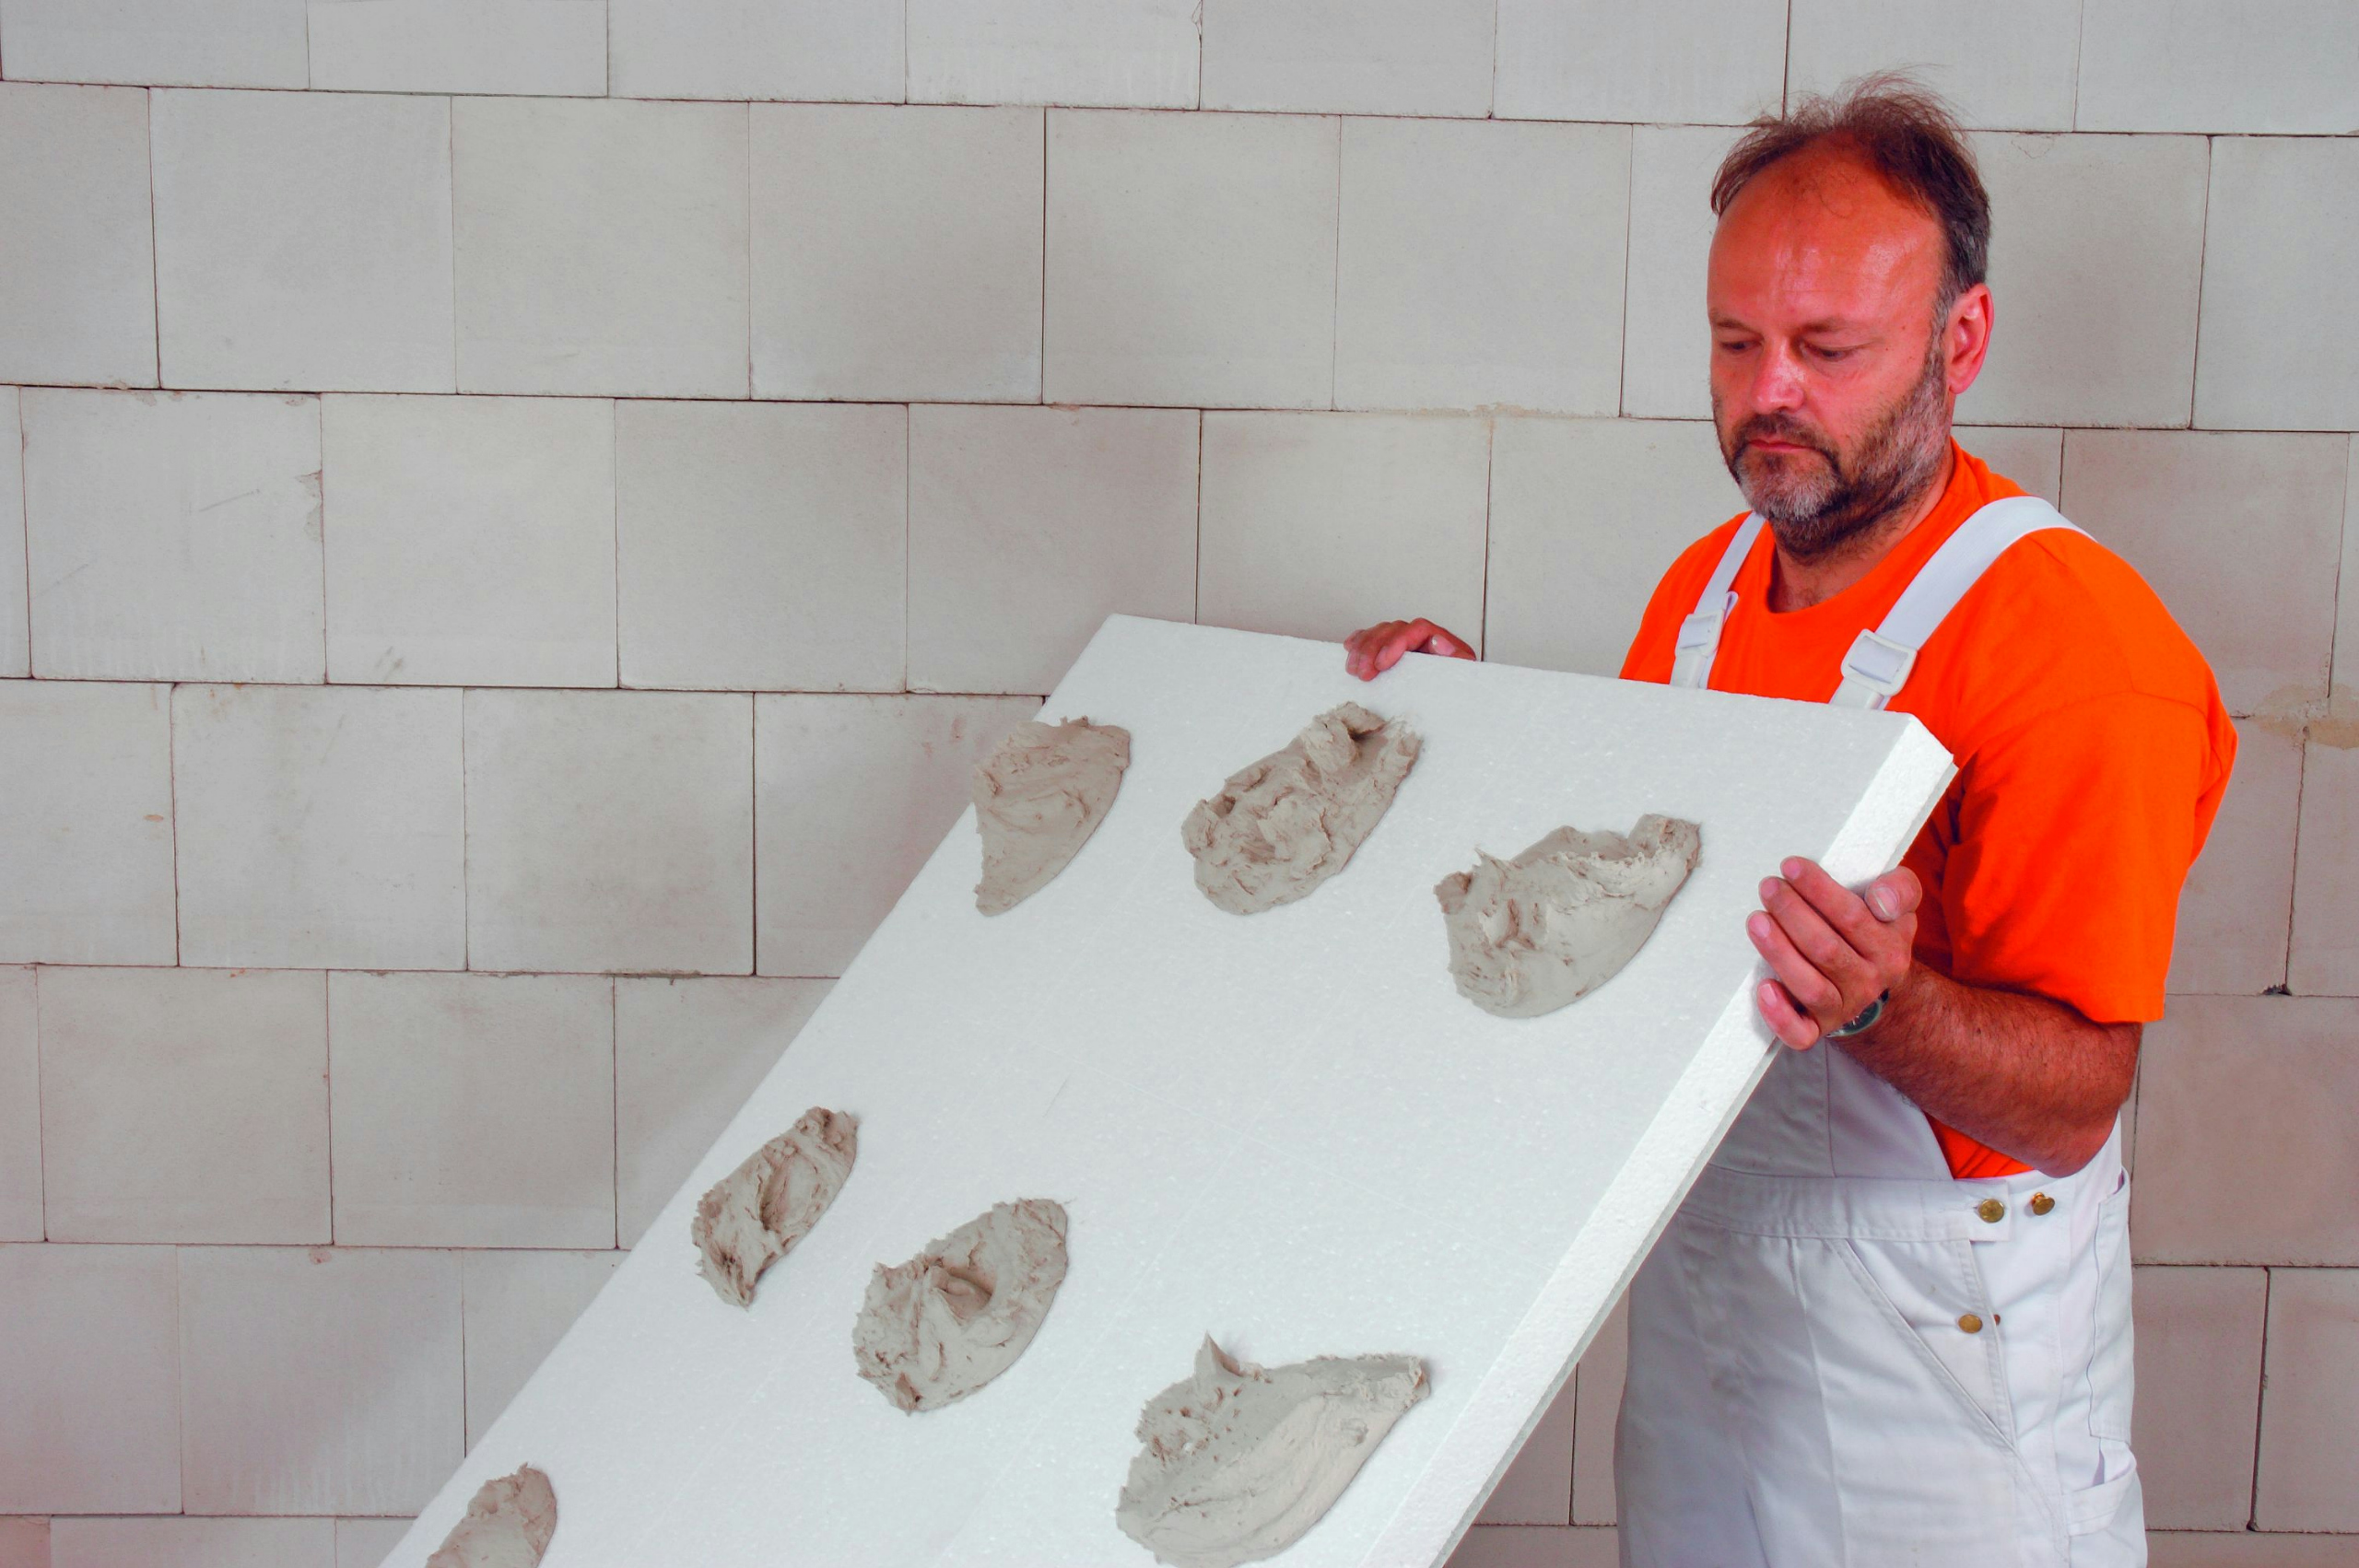 Placa de cart n yeso para aislamiento t rmico lastre - Placas para decorar paredes ...